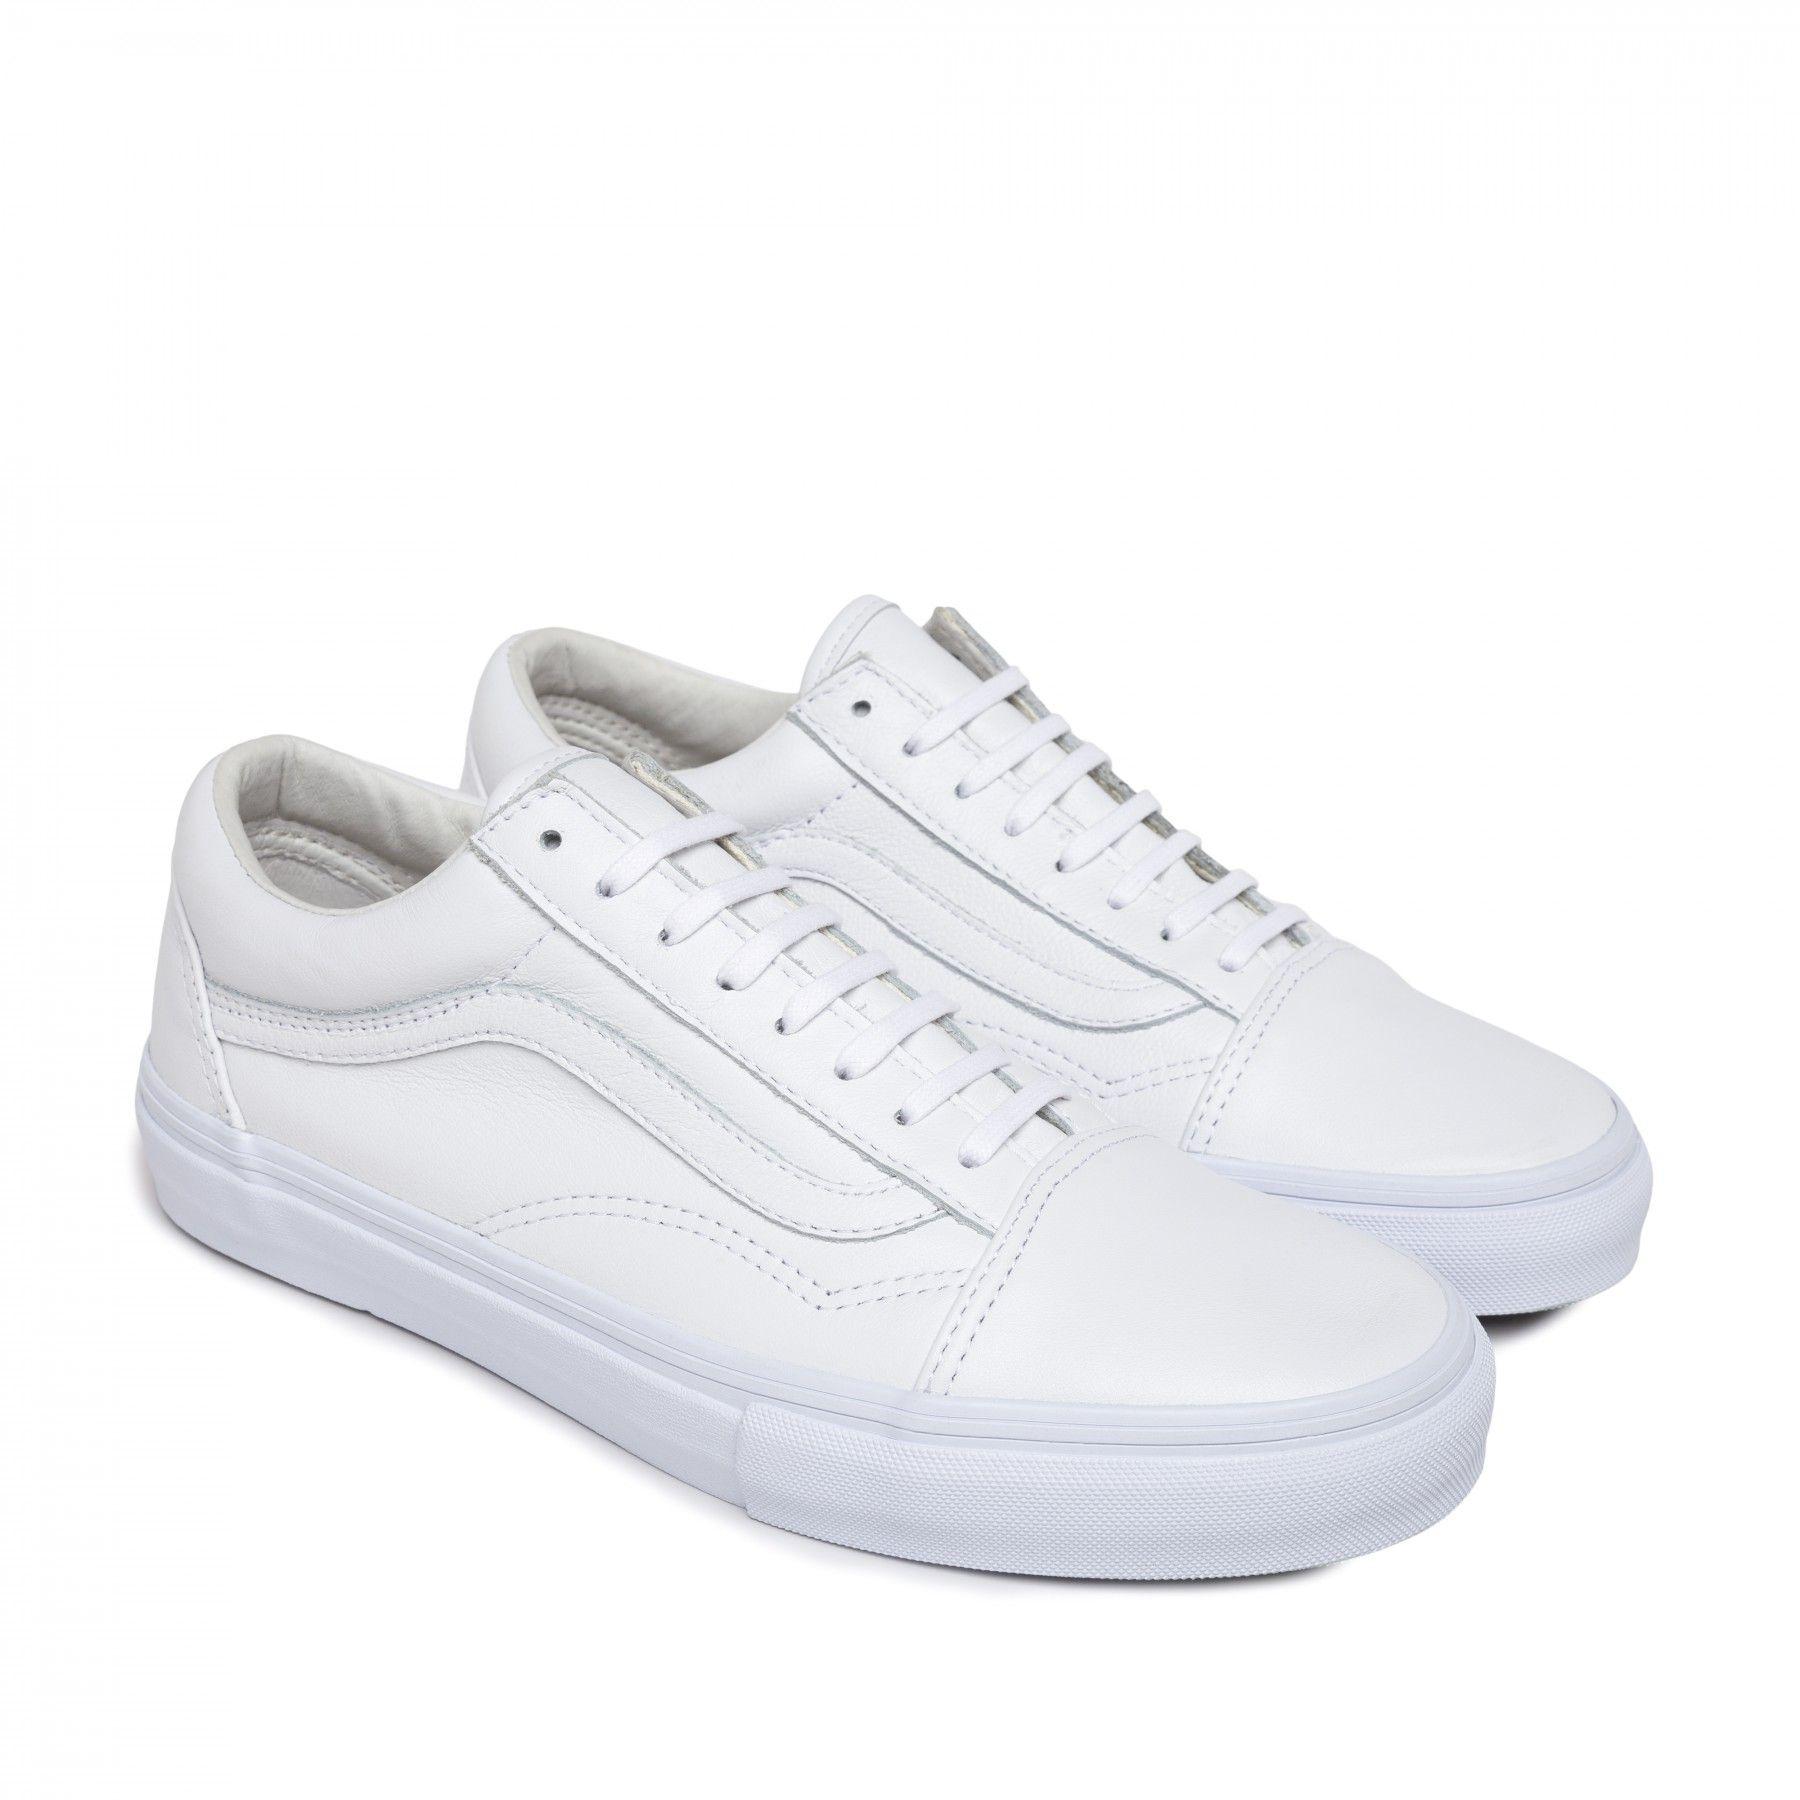 Vans Old Skool LX (White)